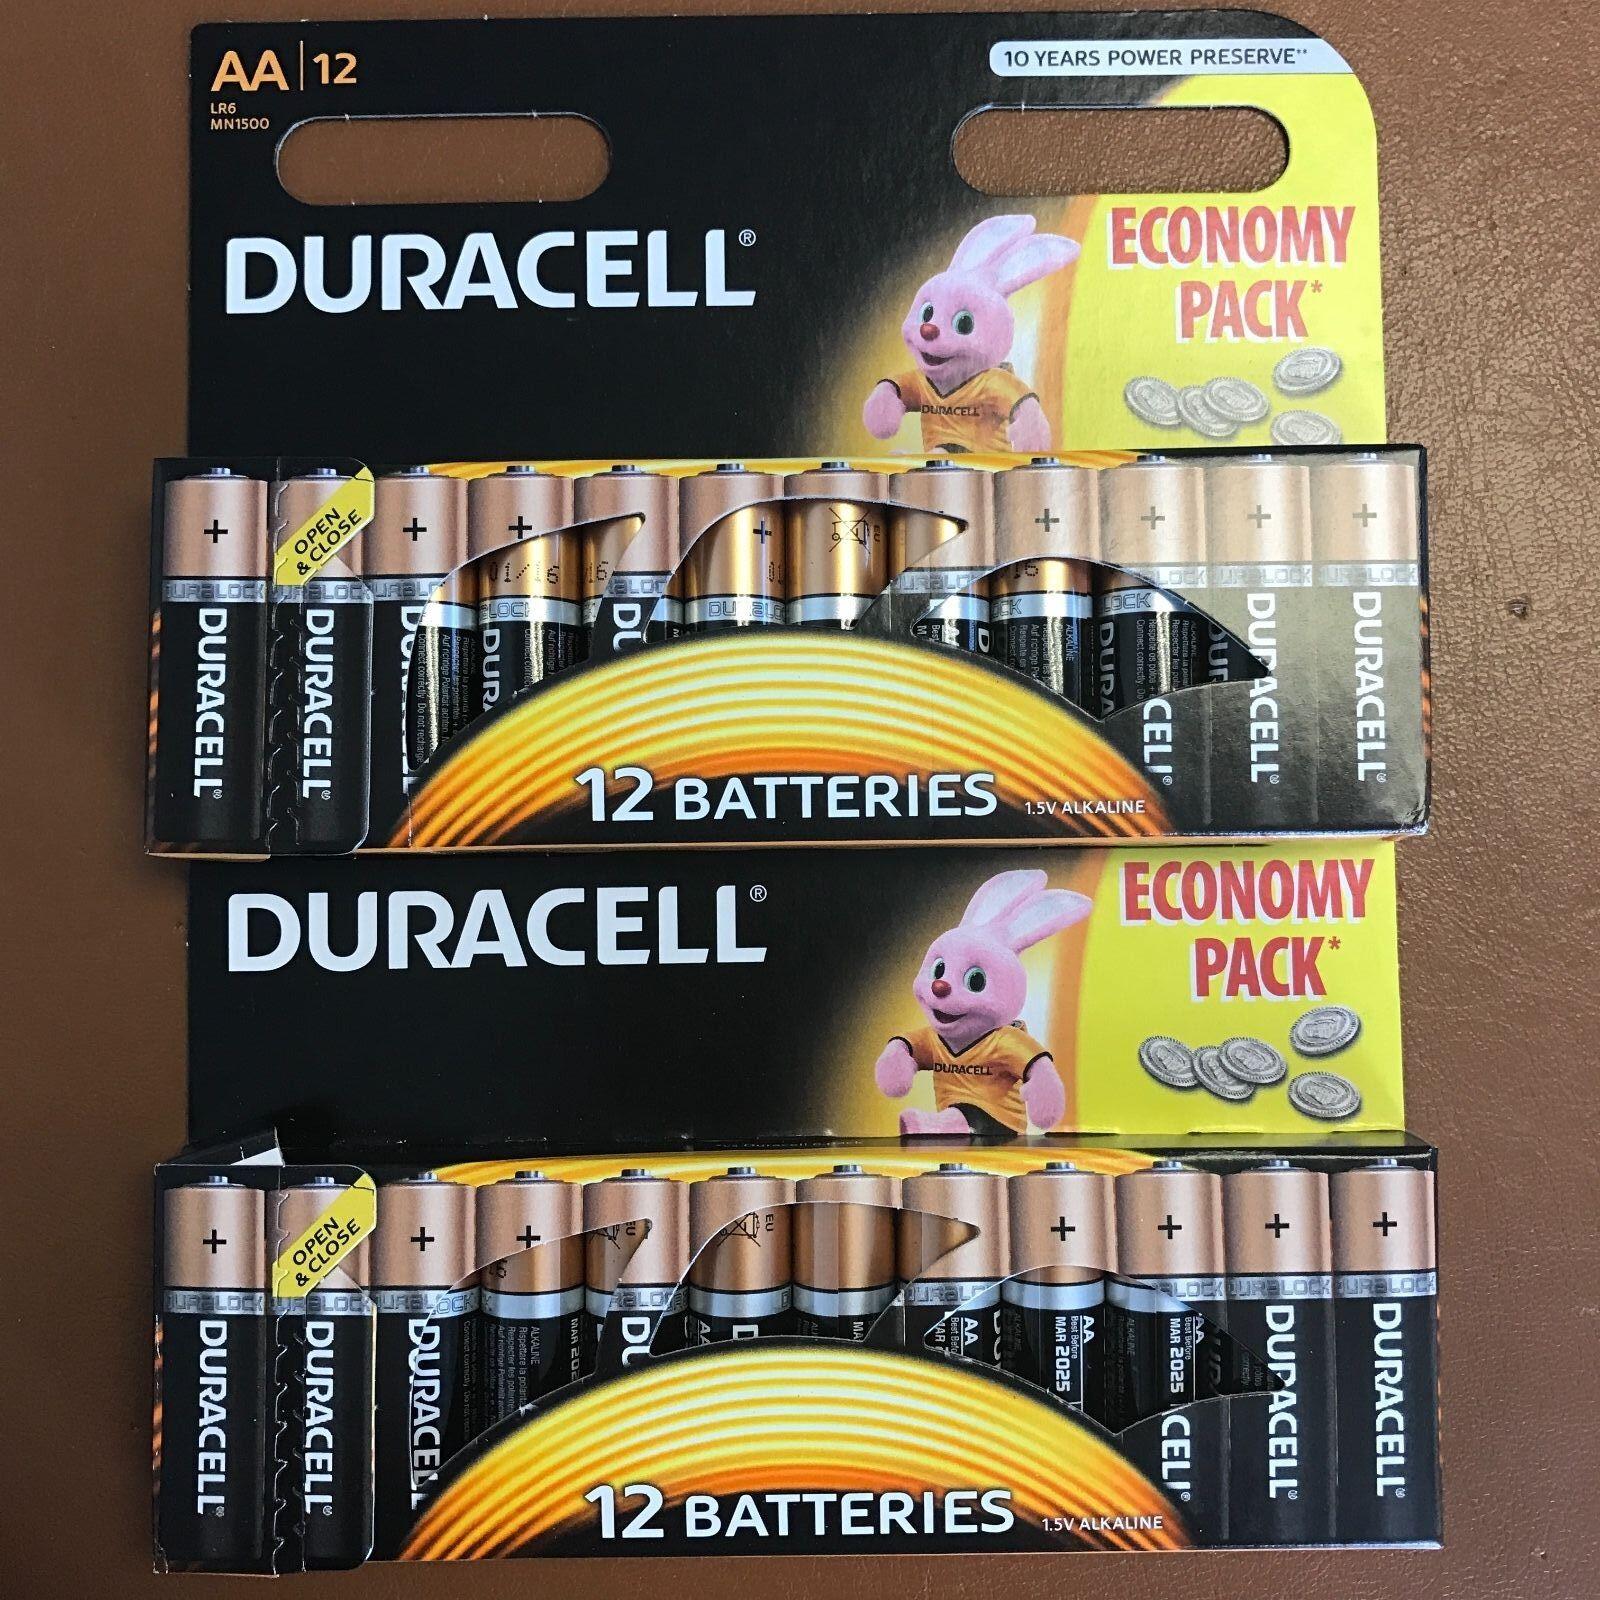 24 X Duracell Aa Langlebig Power Alkaline Batterien Vorteilspack LR6 MN1500